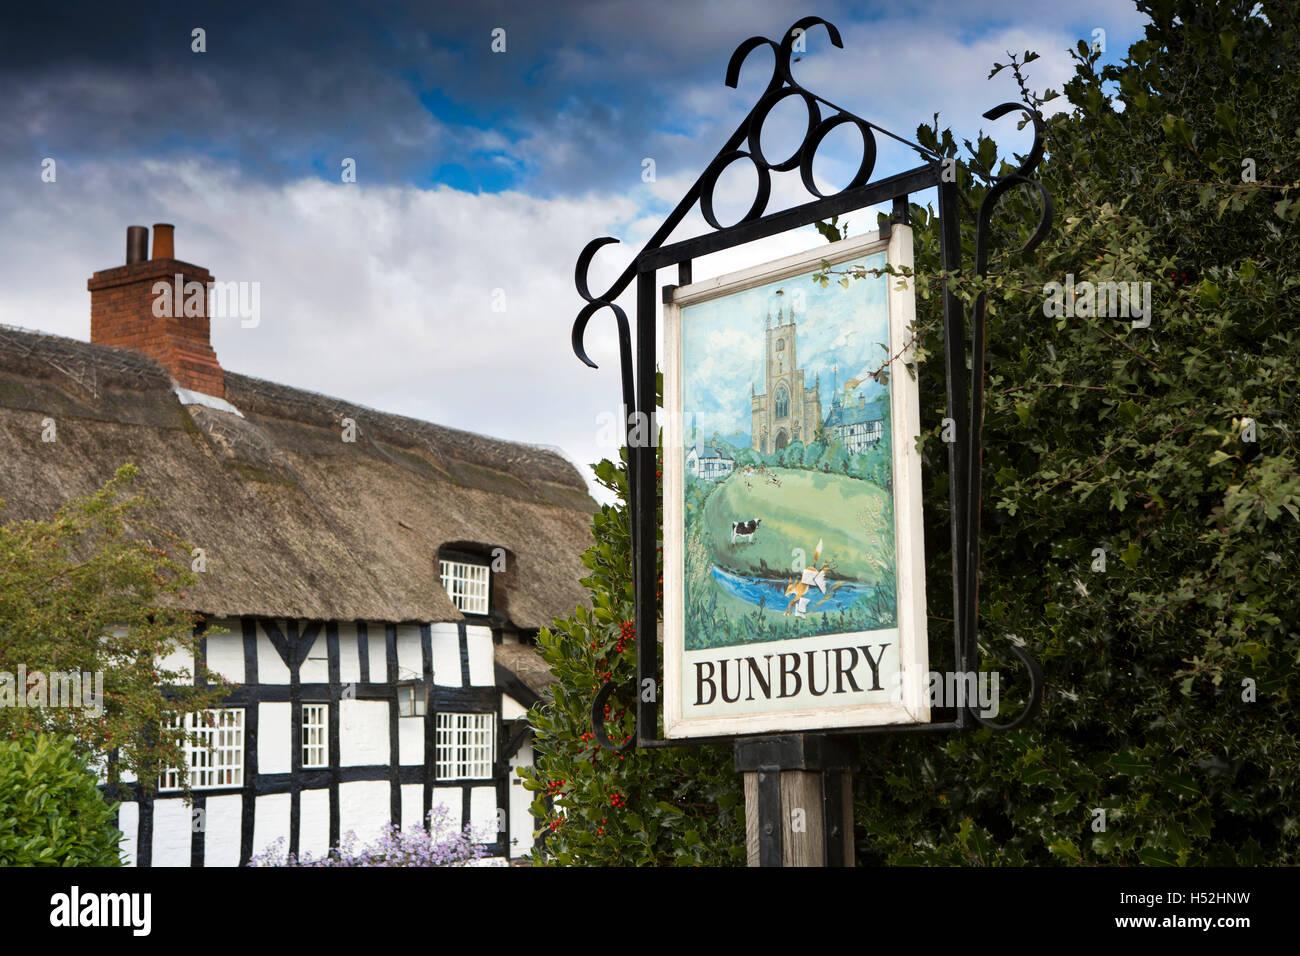 UK, England, Cheshire, Bunbury, Vicarage Lane, painted village sign - Stock Image